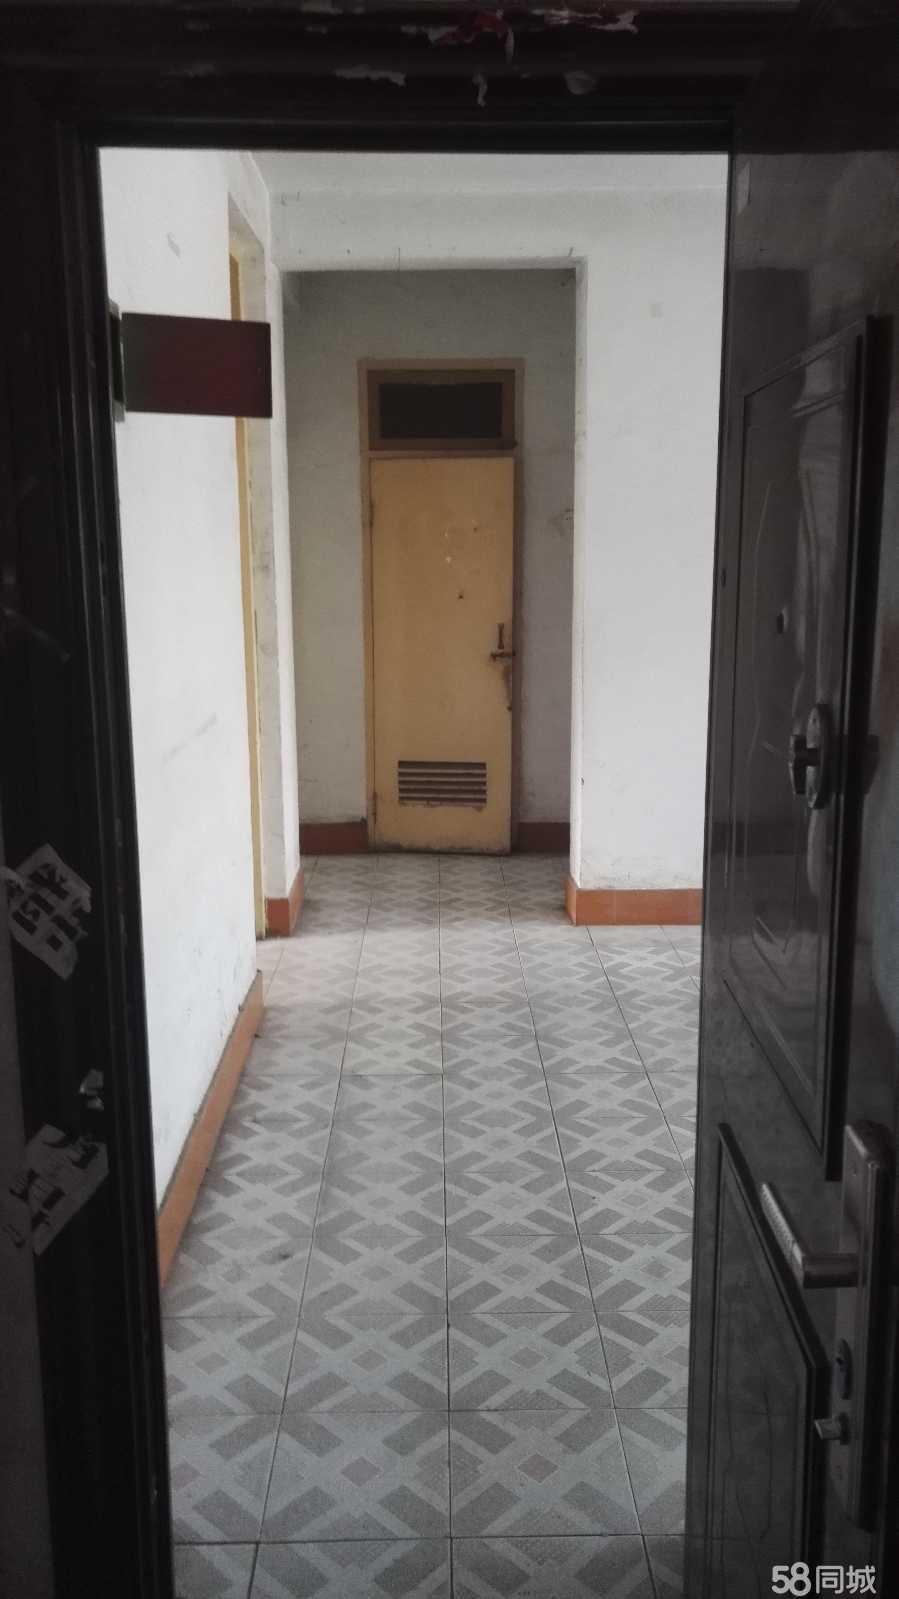 秦都宝田院3室1厅1卫101.74平米全款